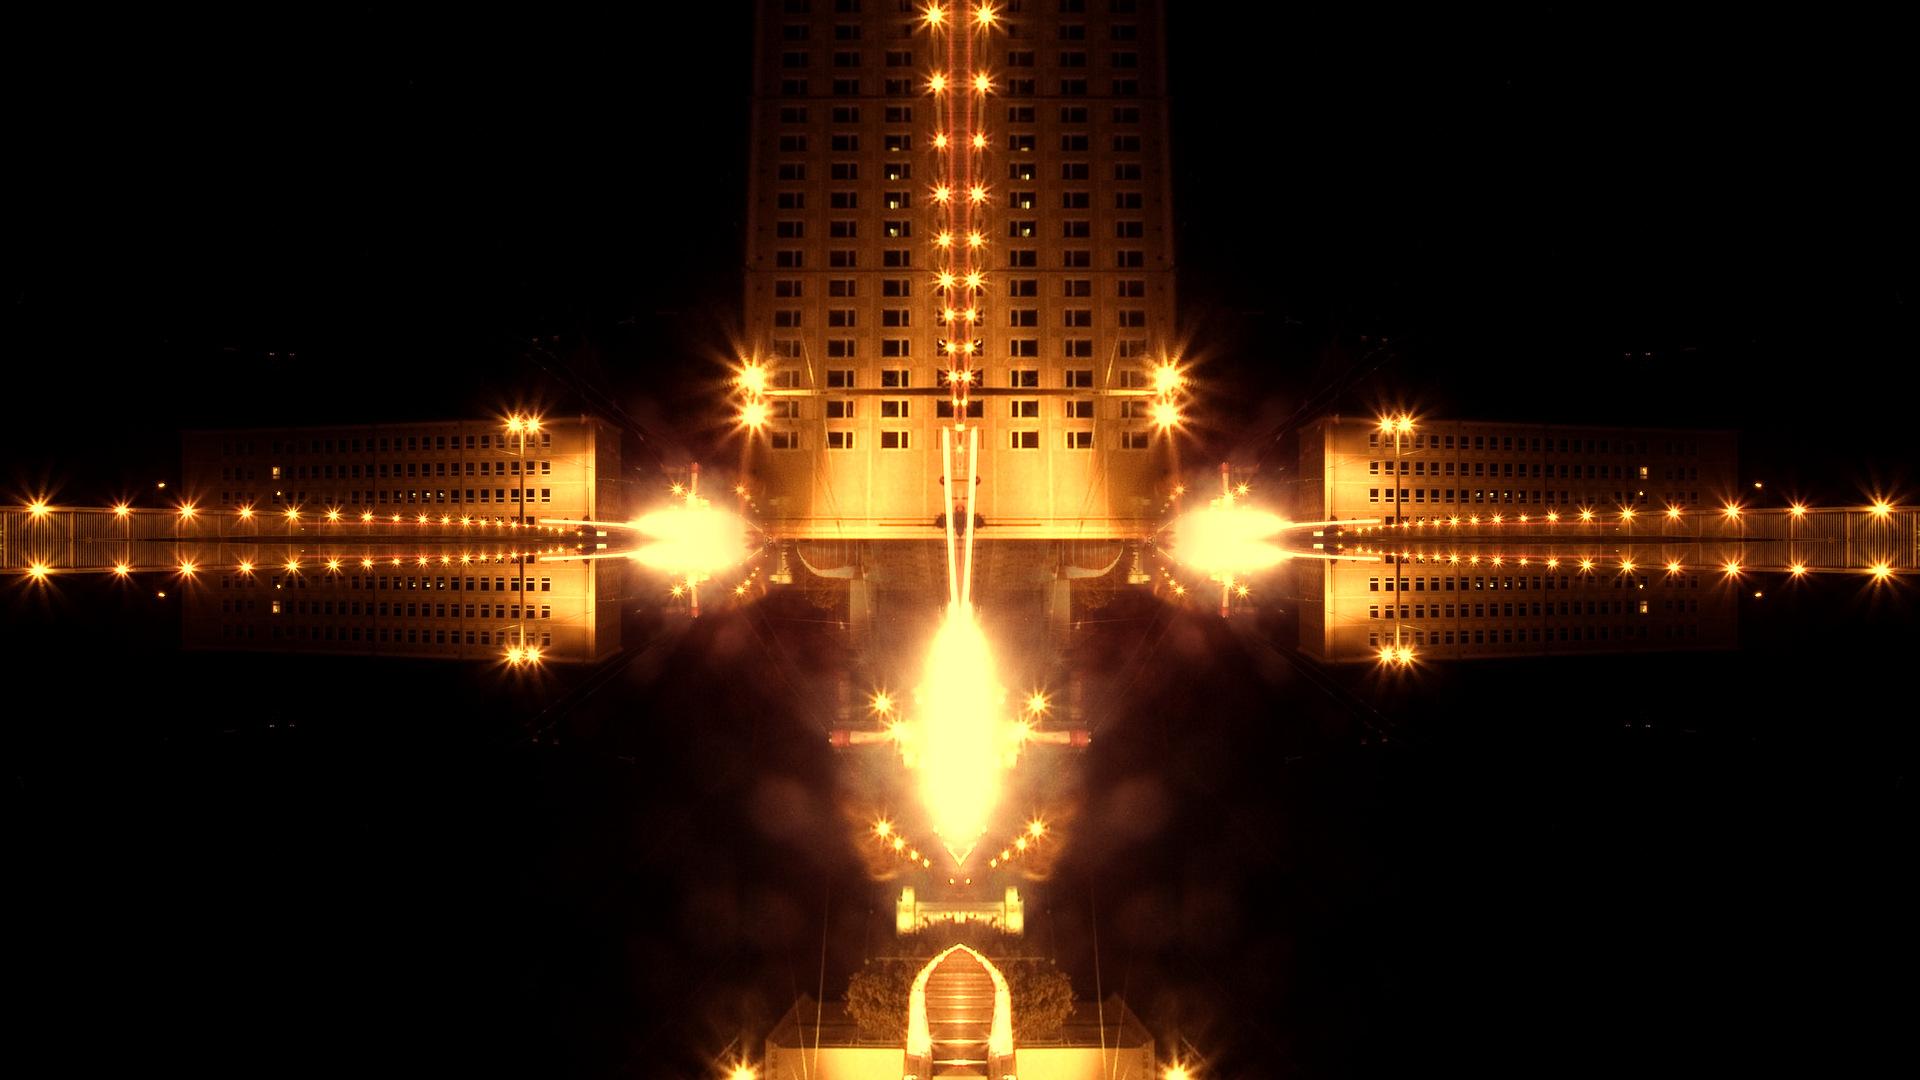 Cities_Nightlights_L02_v01